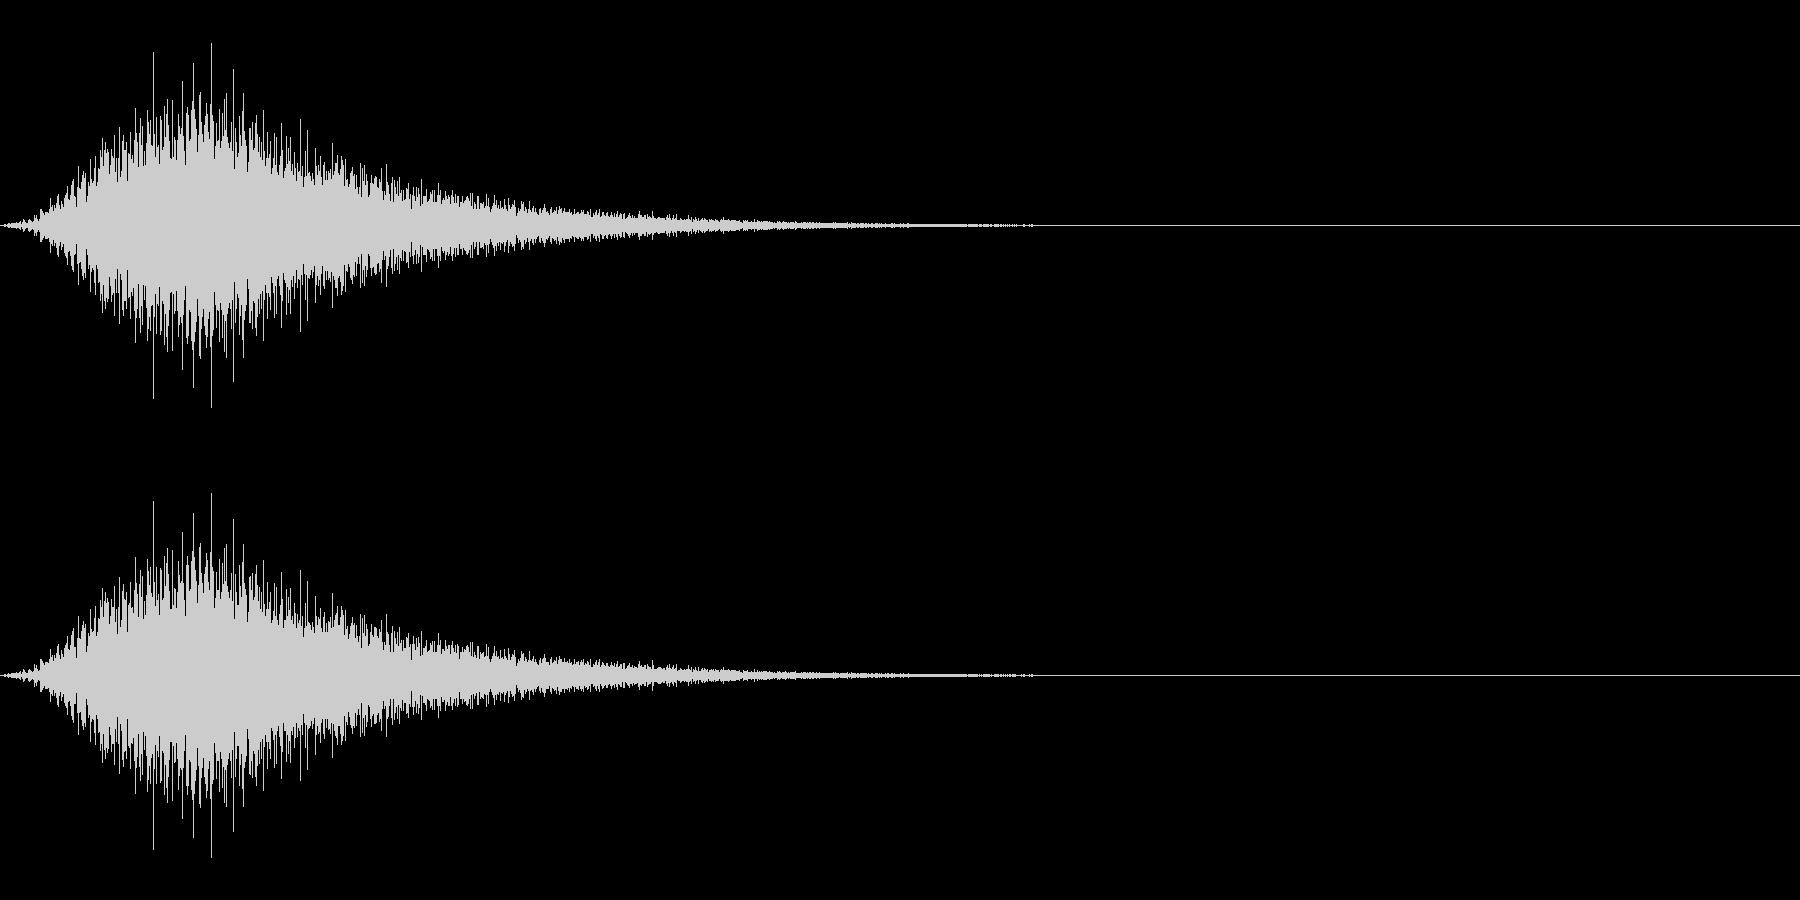 パワーアップ/チャージ/スピードアップの未再生の波形